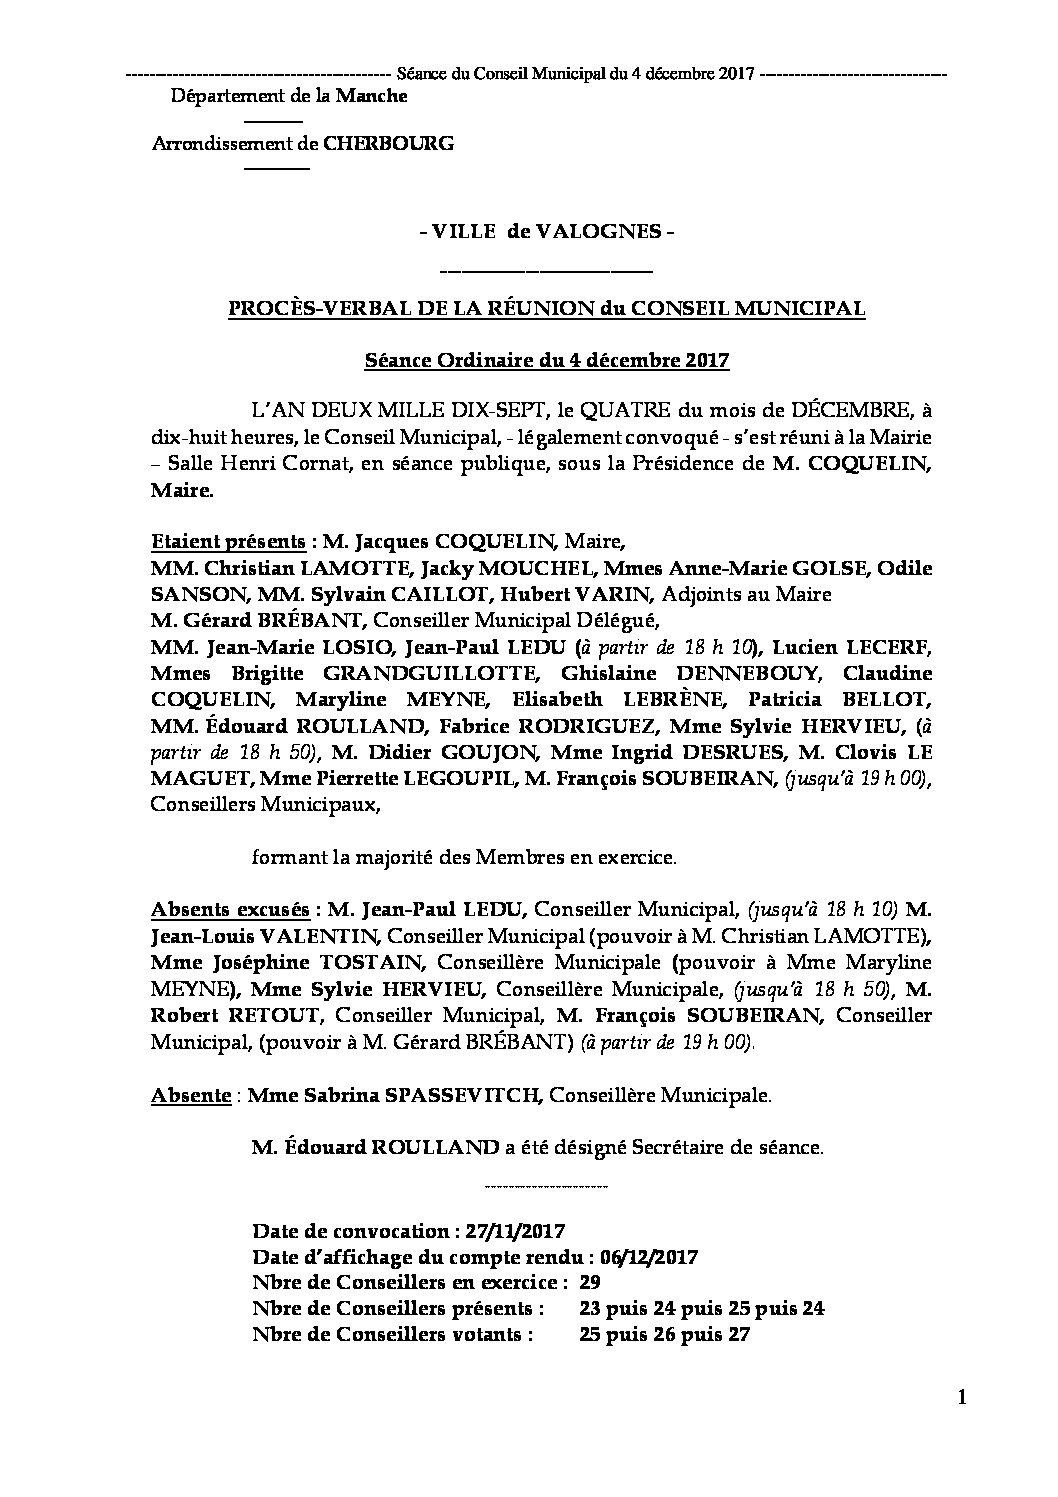 Procès-verbal du 04-12-2017 - Procès-verbal de la réunion du Conseil Municipal du 4 décembre 2017, approuvé à l